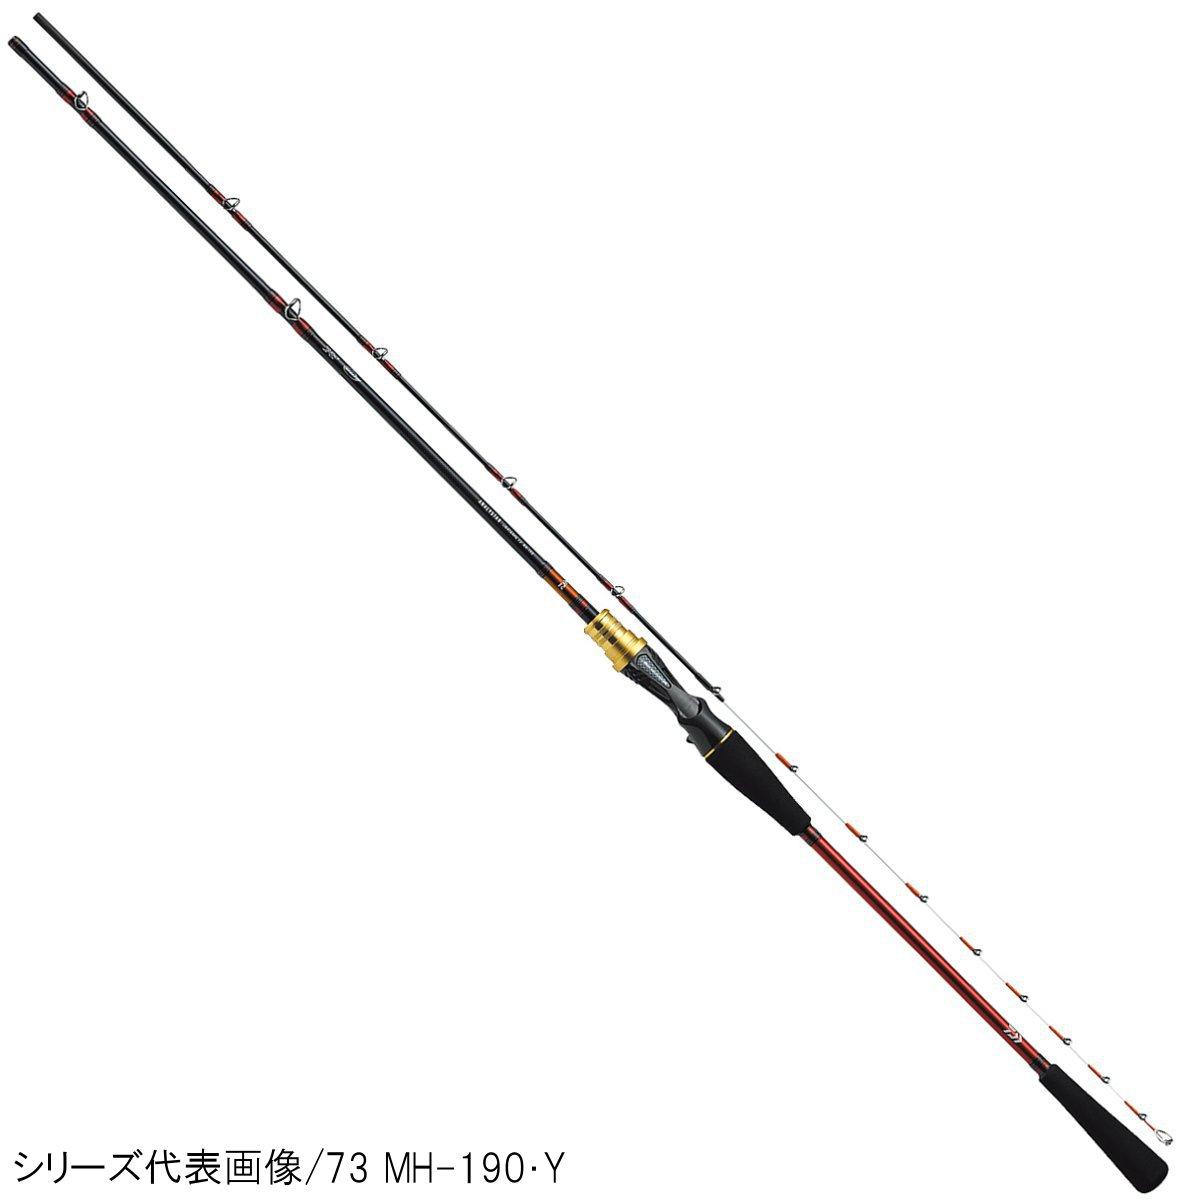 ダイワ アナリスター ライトゲーム 82 M-190・Y【送料無料】